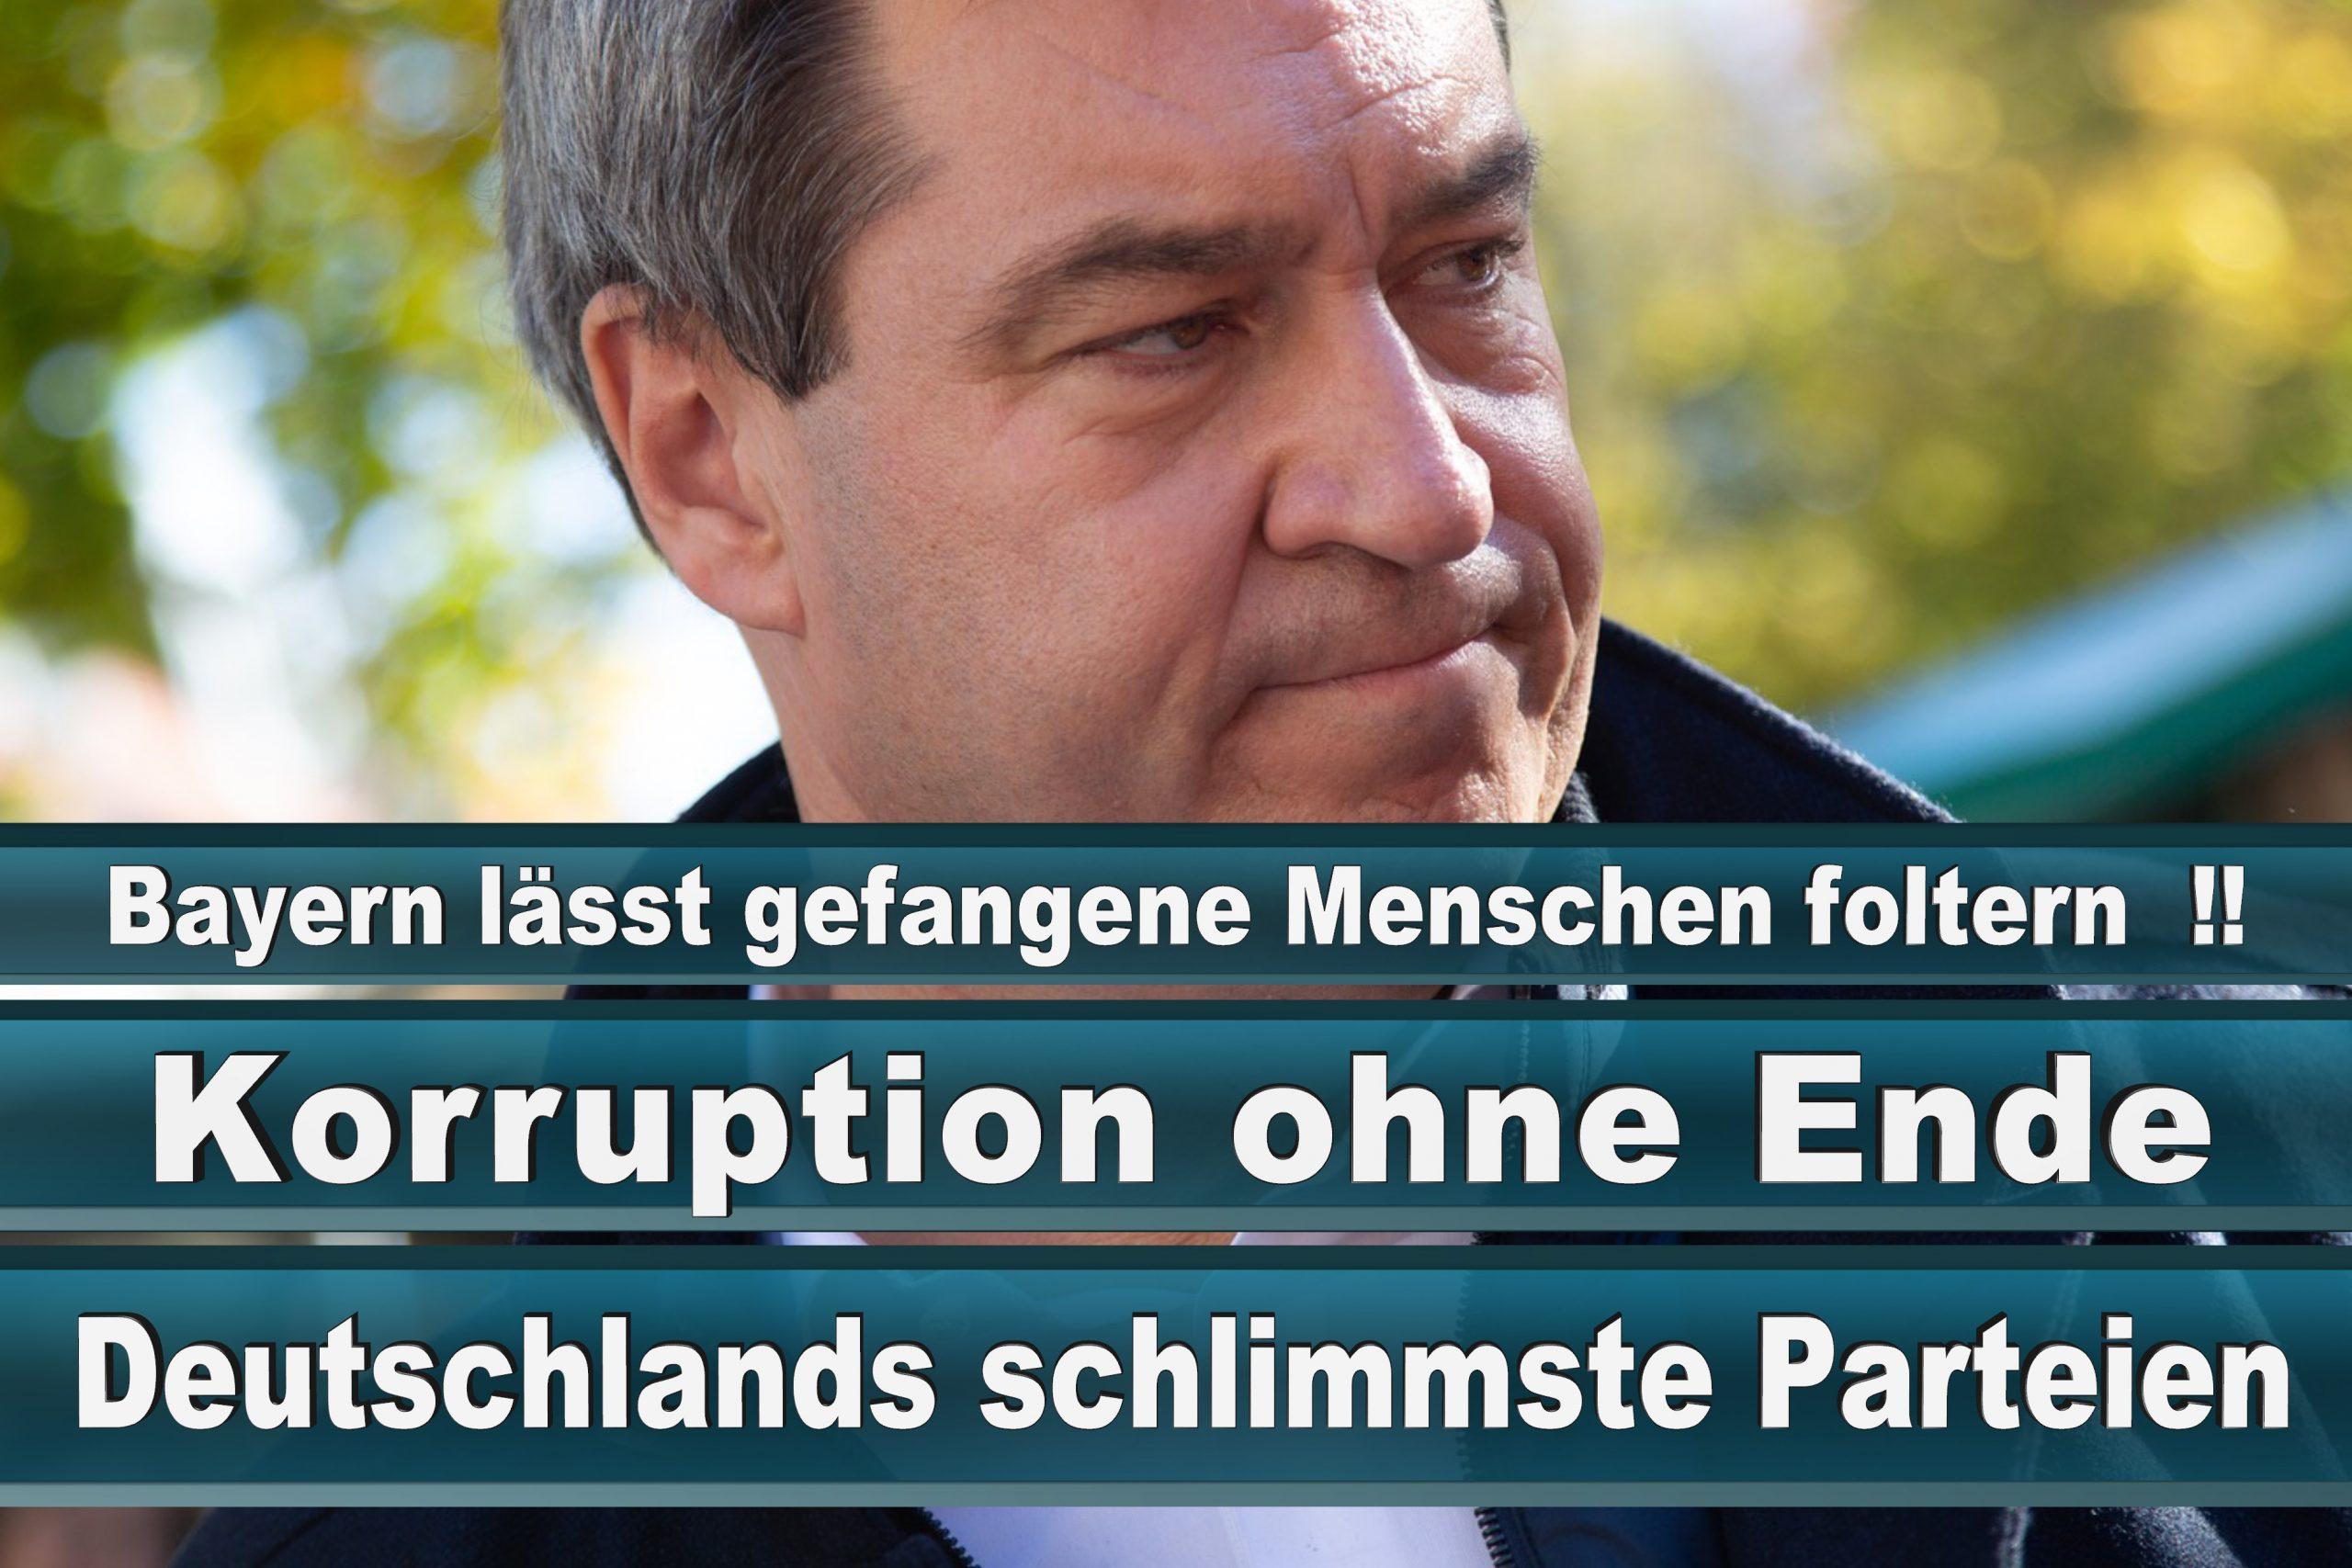 CDU,CSU Wahlplakate 2021 Stimmzettel Briefwahl Umfrage Prognose Termin Datum Söder Parteien Kandidaten Merkel,Laschet,CDU,AfD,Wahlwerbung (3)